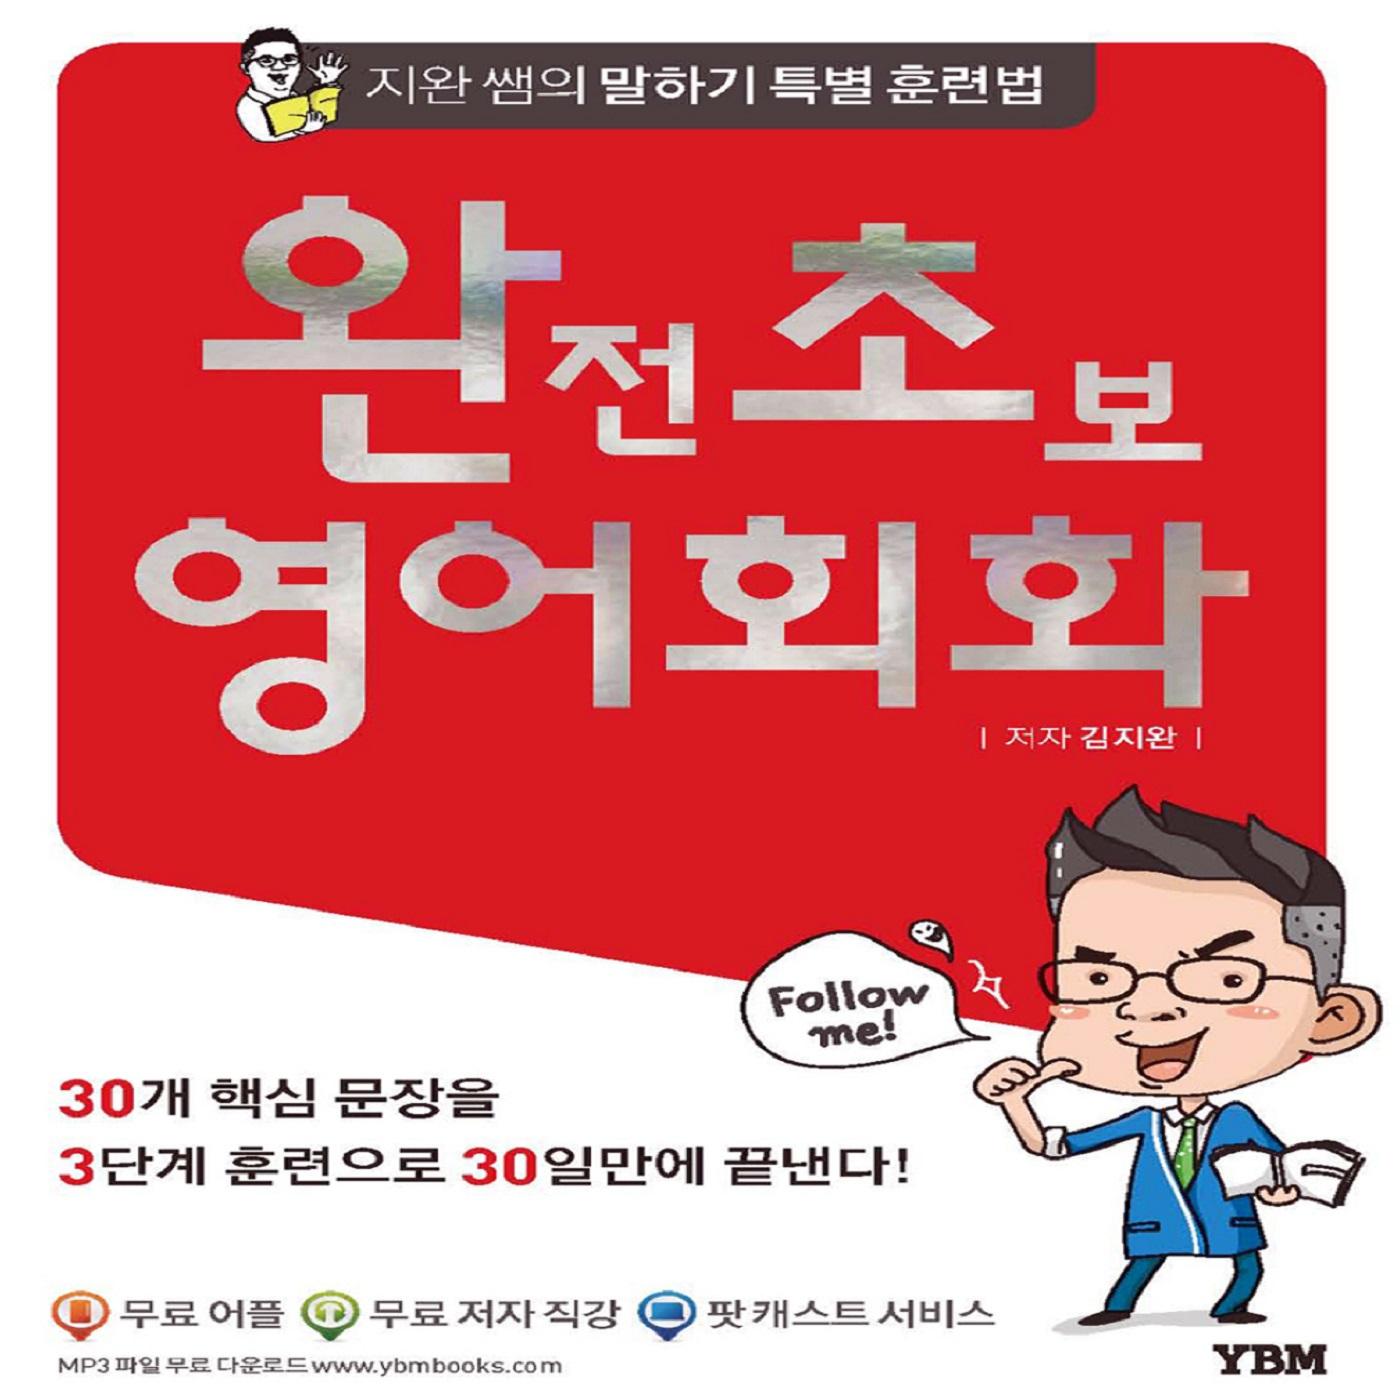 YBM 완초 영어회화(김지완쌤의 말하기 특별훈련법)